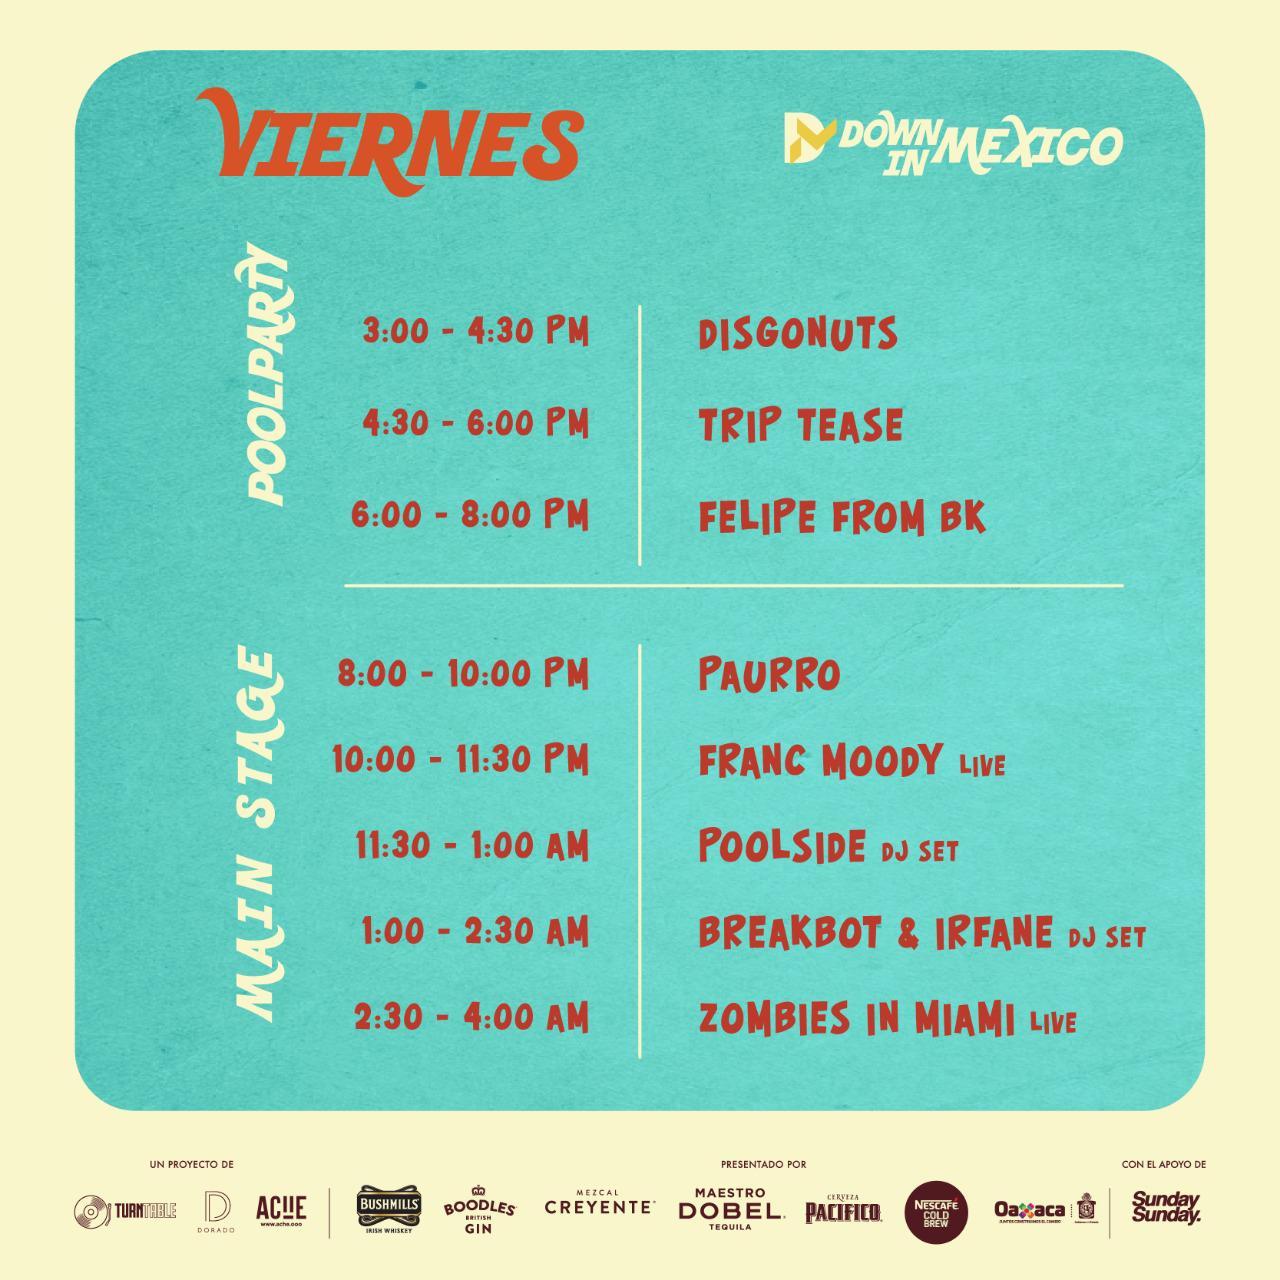 down in mx viernes pt 1